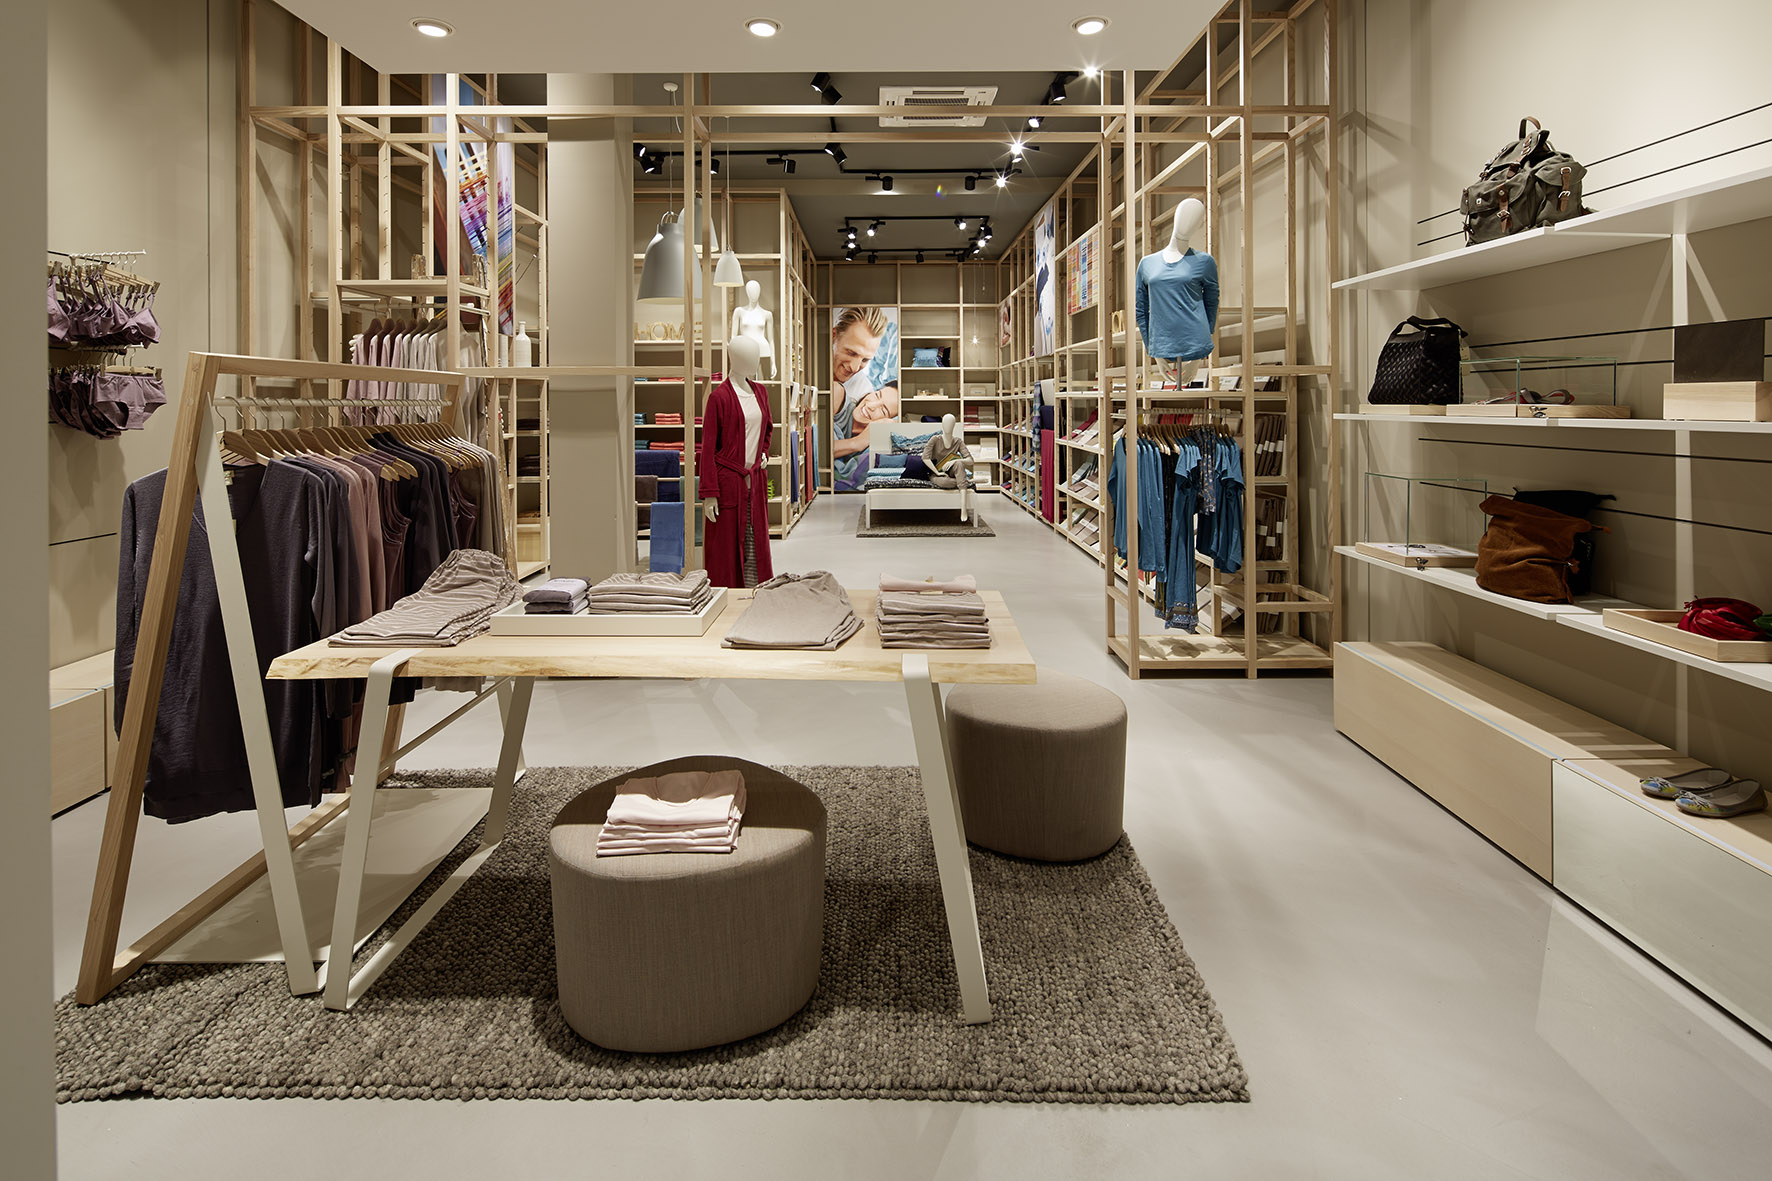 hessnatur-Concept-Store FFM-2014- 14 (14)